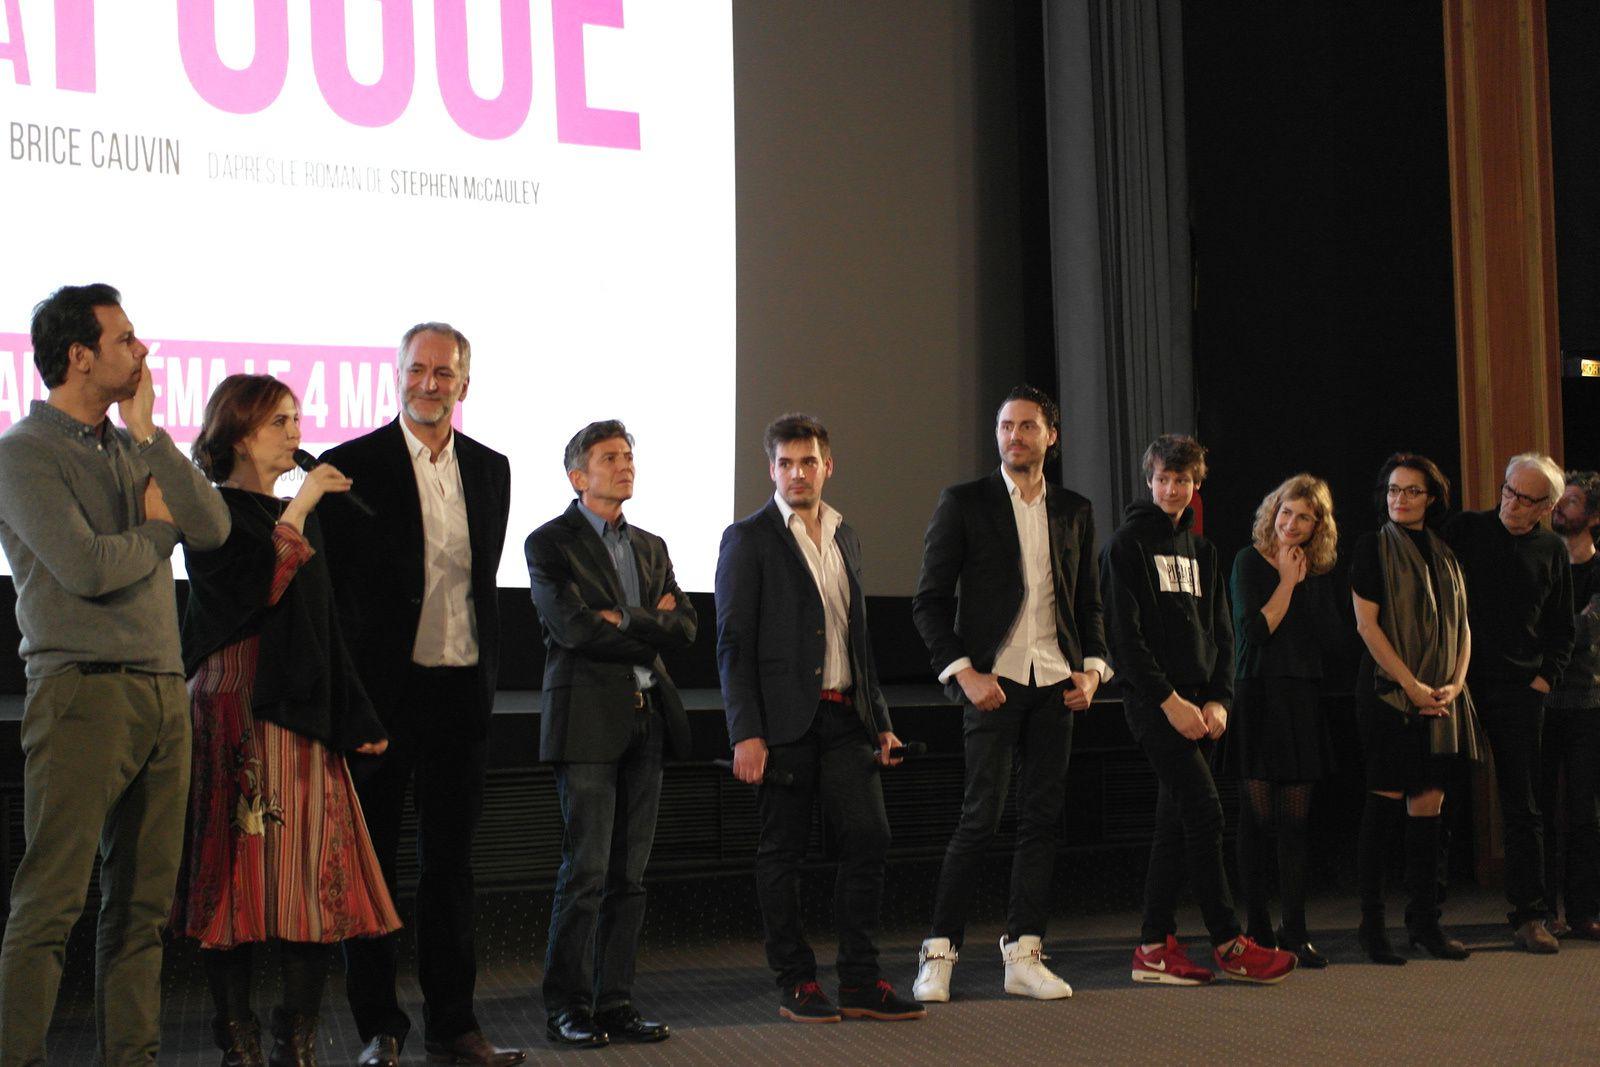 Laurent Lafitte, Agnès Jaoui, Brice Cauvin, Stephen Mc Cauet, Erwan Marinopoulos. Le réalisateur fait venir tous ceux qui ont participé au film.